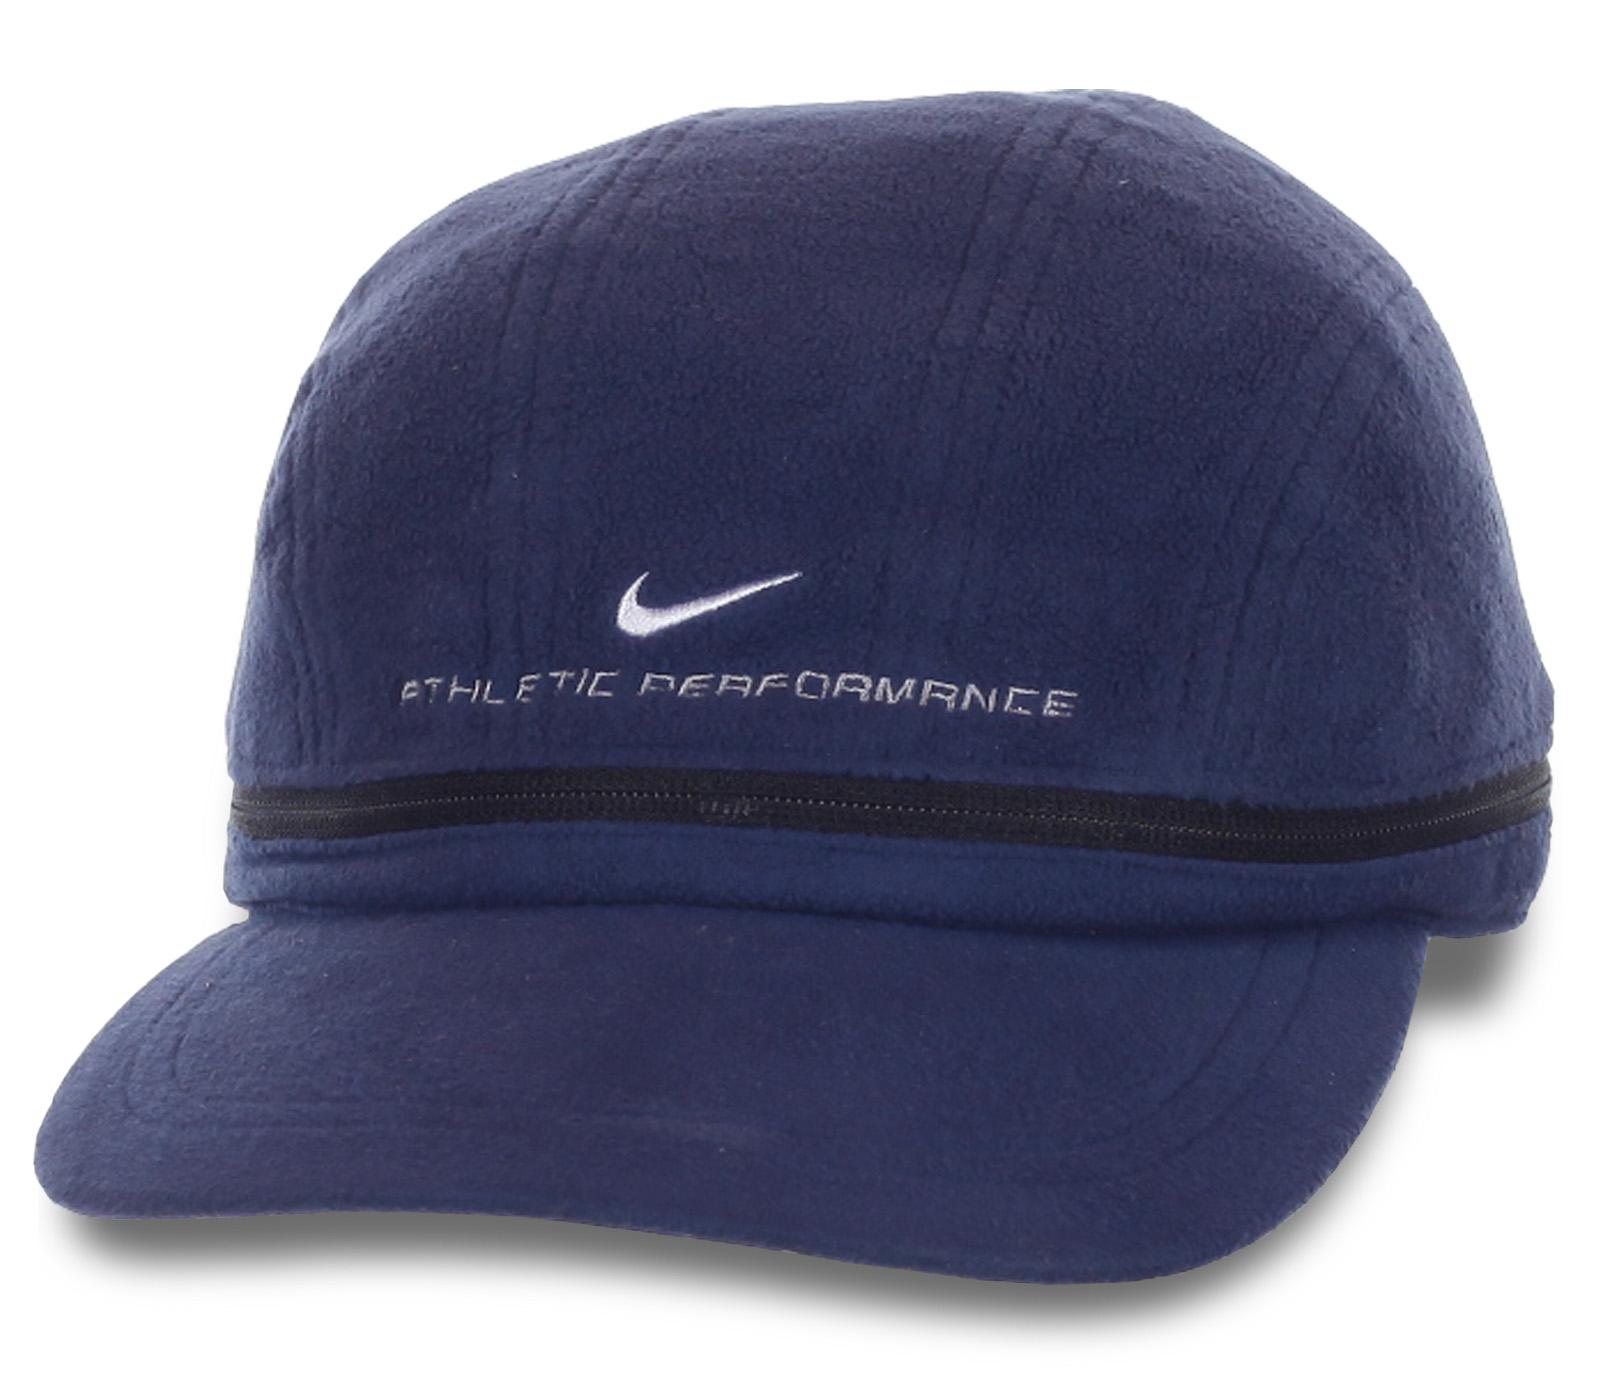 Молодежная кепка в универсальном стиле.